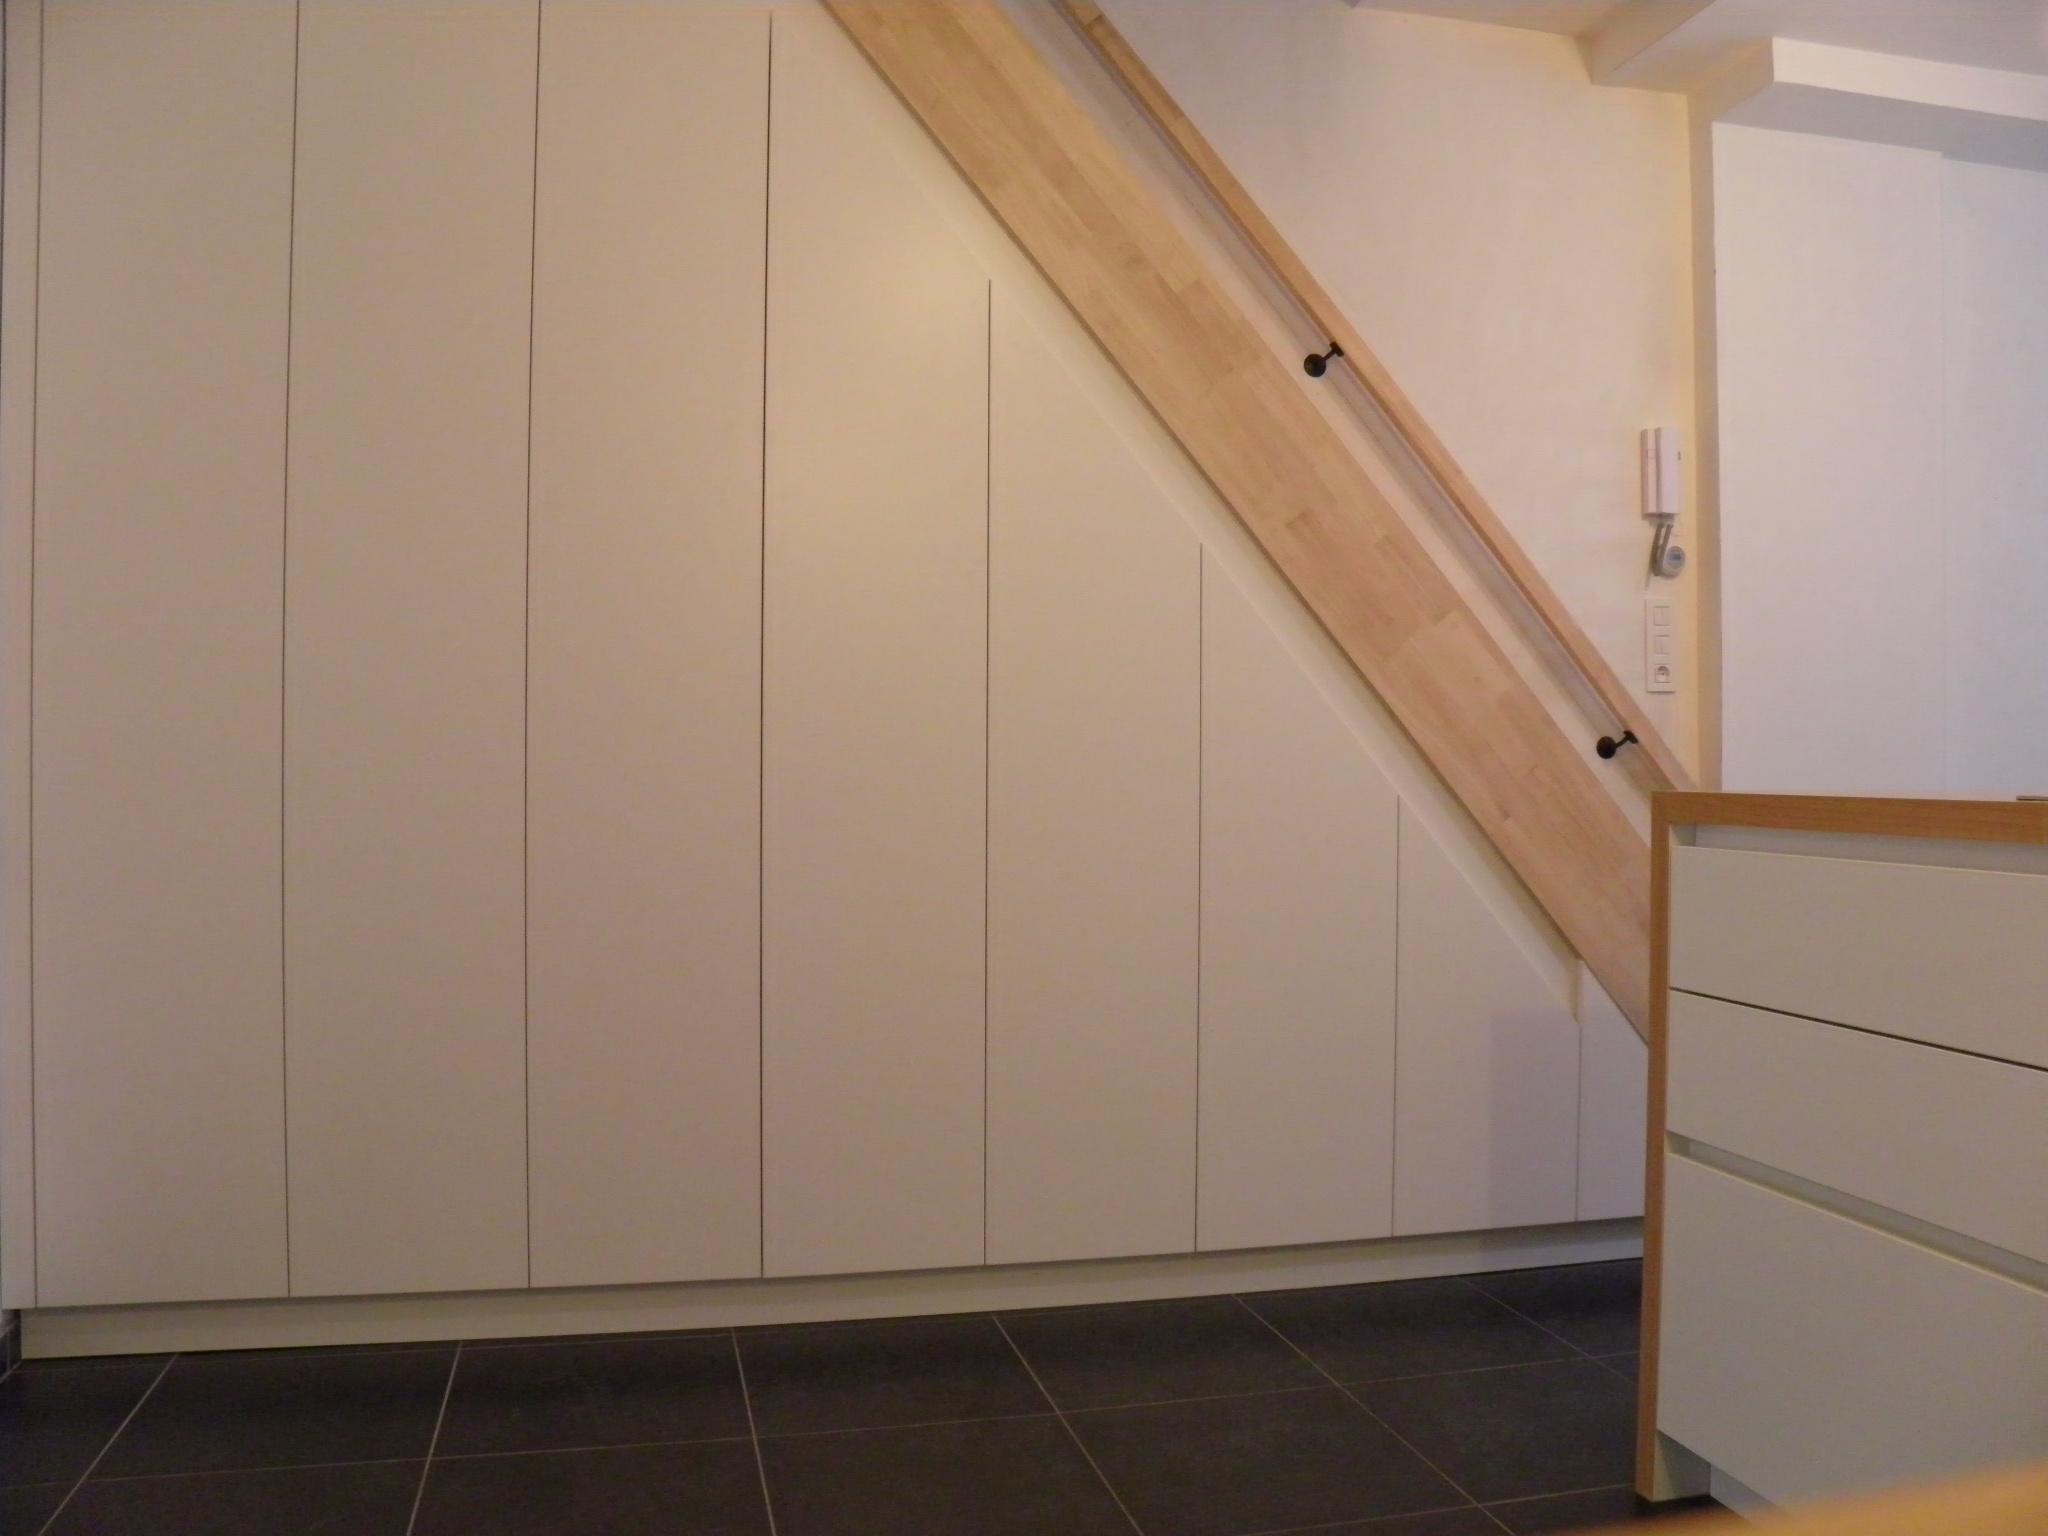 Hout idee trappenhuis - Idee kast onder helling ...